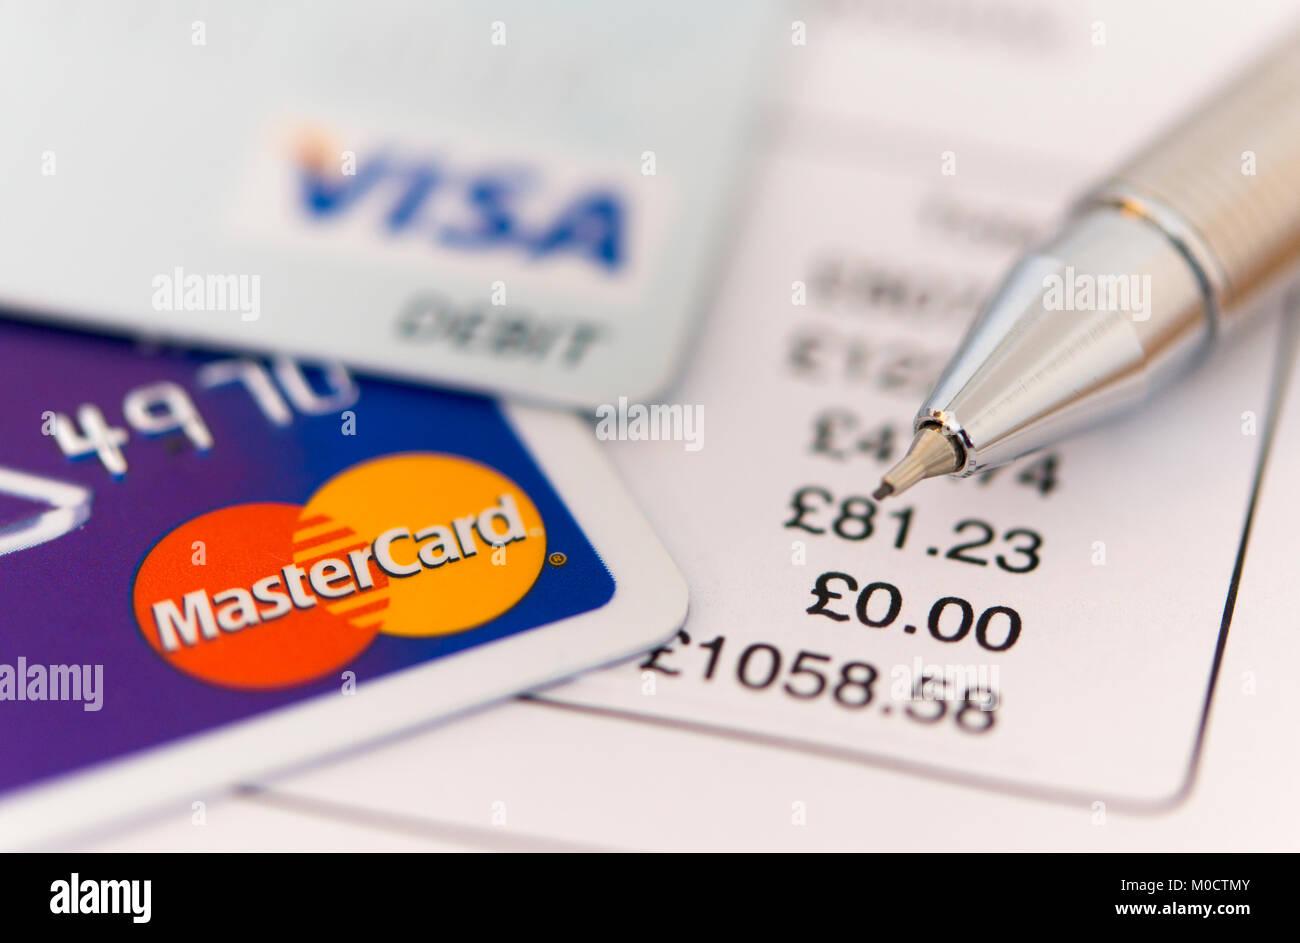 Un bancomat e carta di credito e con la penna sulla parte superiore di un disegno di legge - concetto mostra debito Immagini Stock